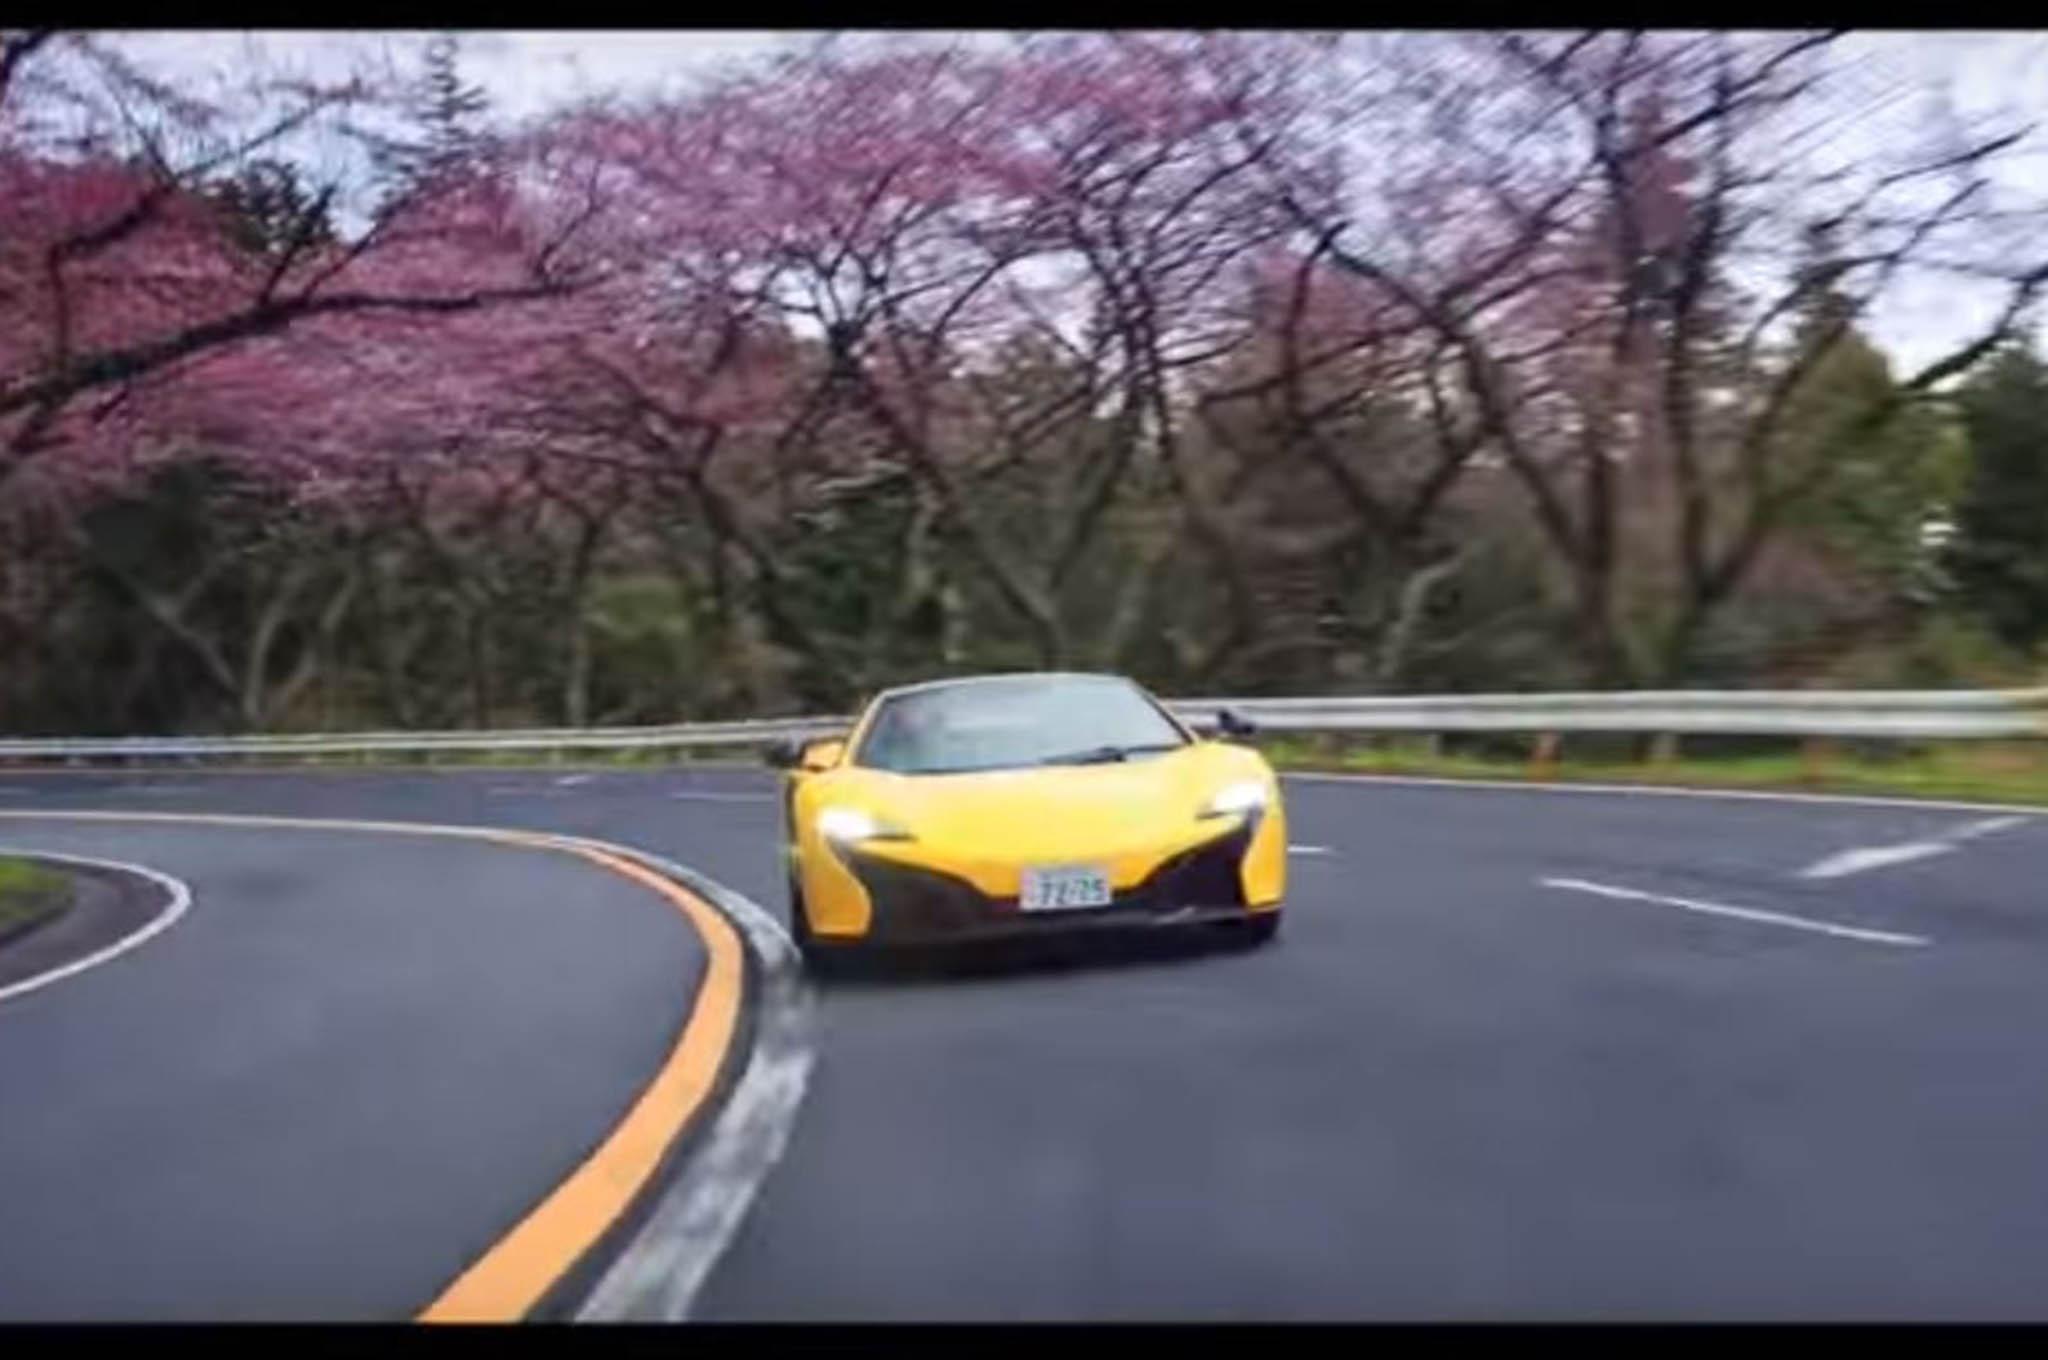 McLaren 650S Spider Hakone Turnpike